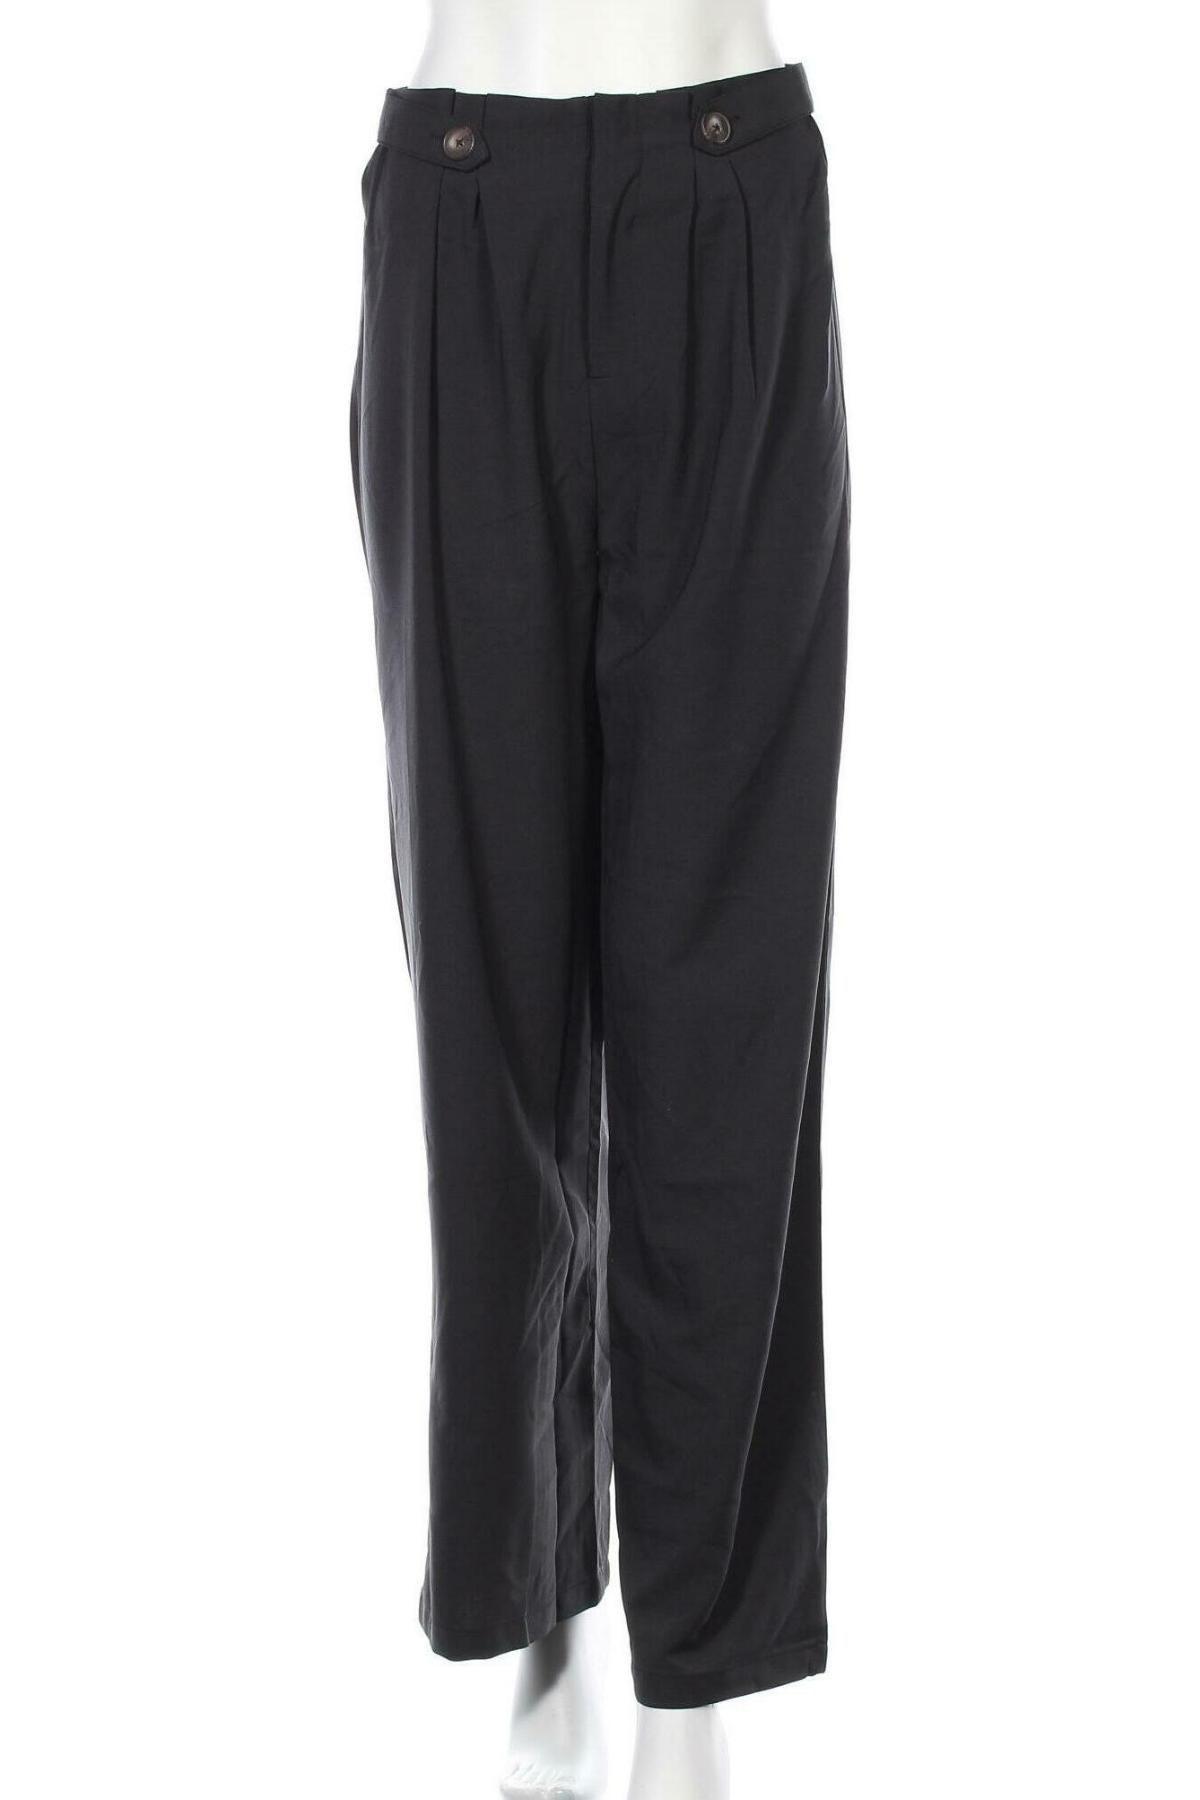 Дамски панталон Lascana, Размер S, Цвят Черен, 96% полиестер, 4% еластан, Цена 14,77лв.